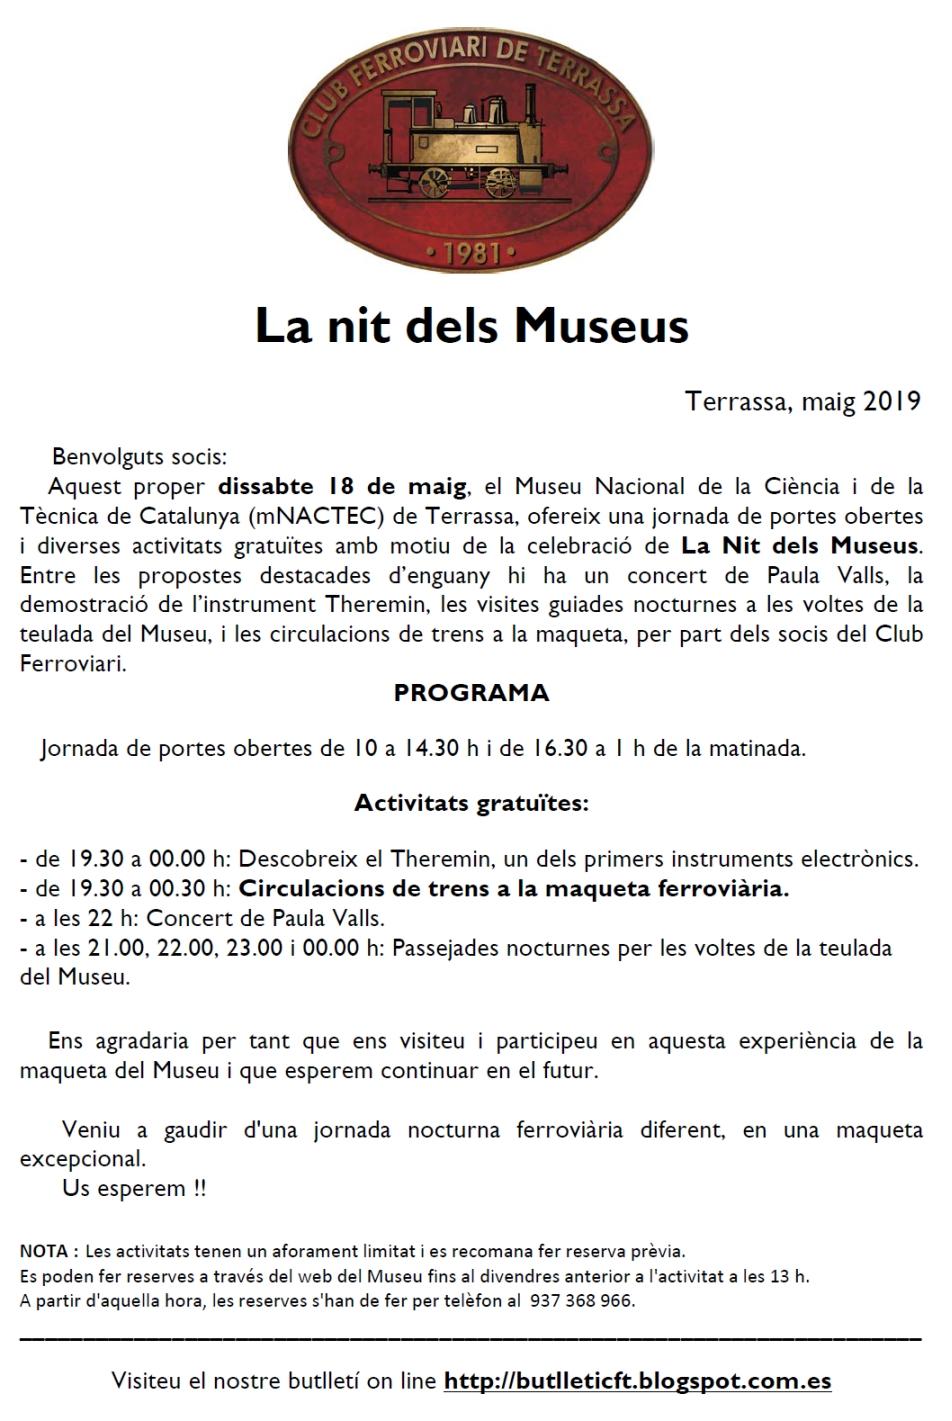 Nit dels Museus 2019: Circulacions a la maqueta del MNACTEC. Club Ferroviari de Terrassa.